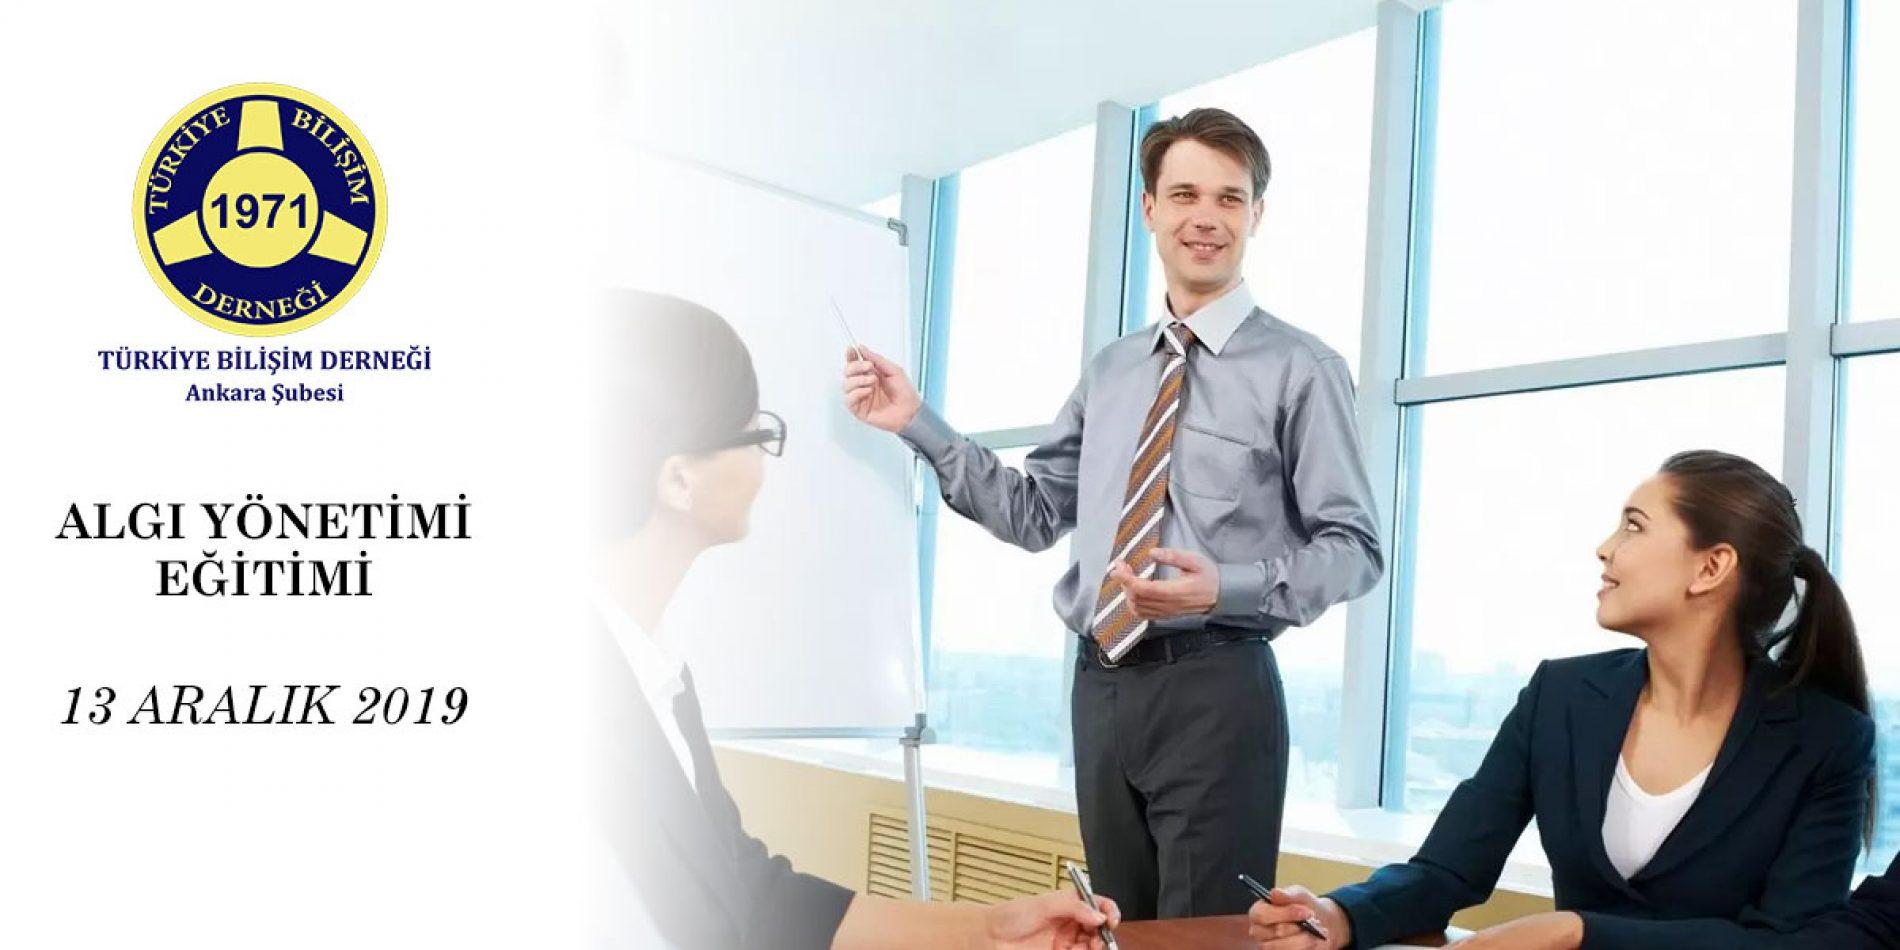 Algı Yönetimi Eğitimi